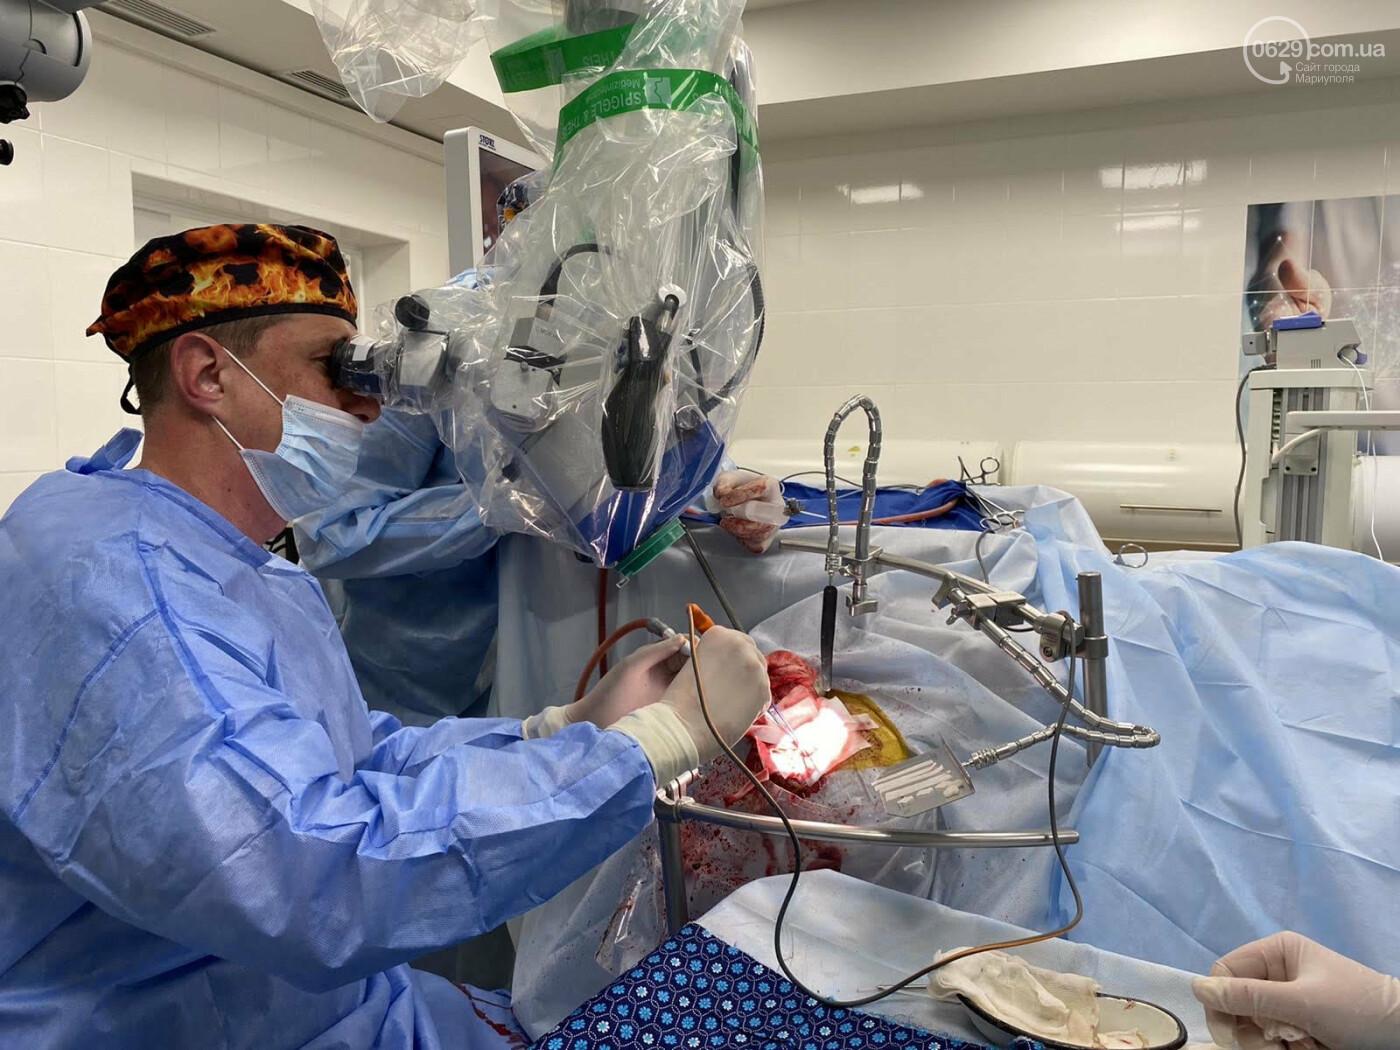 Уникальная хирургия. В Мариуполе делают операции, недоступные даже в областных центрах, - ФОТО, фото-2